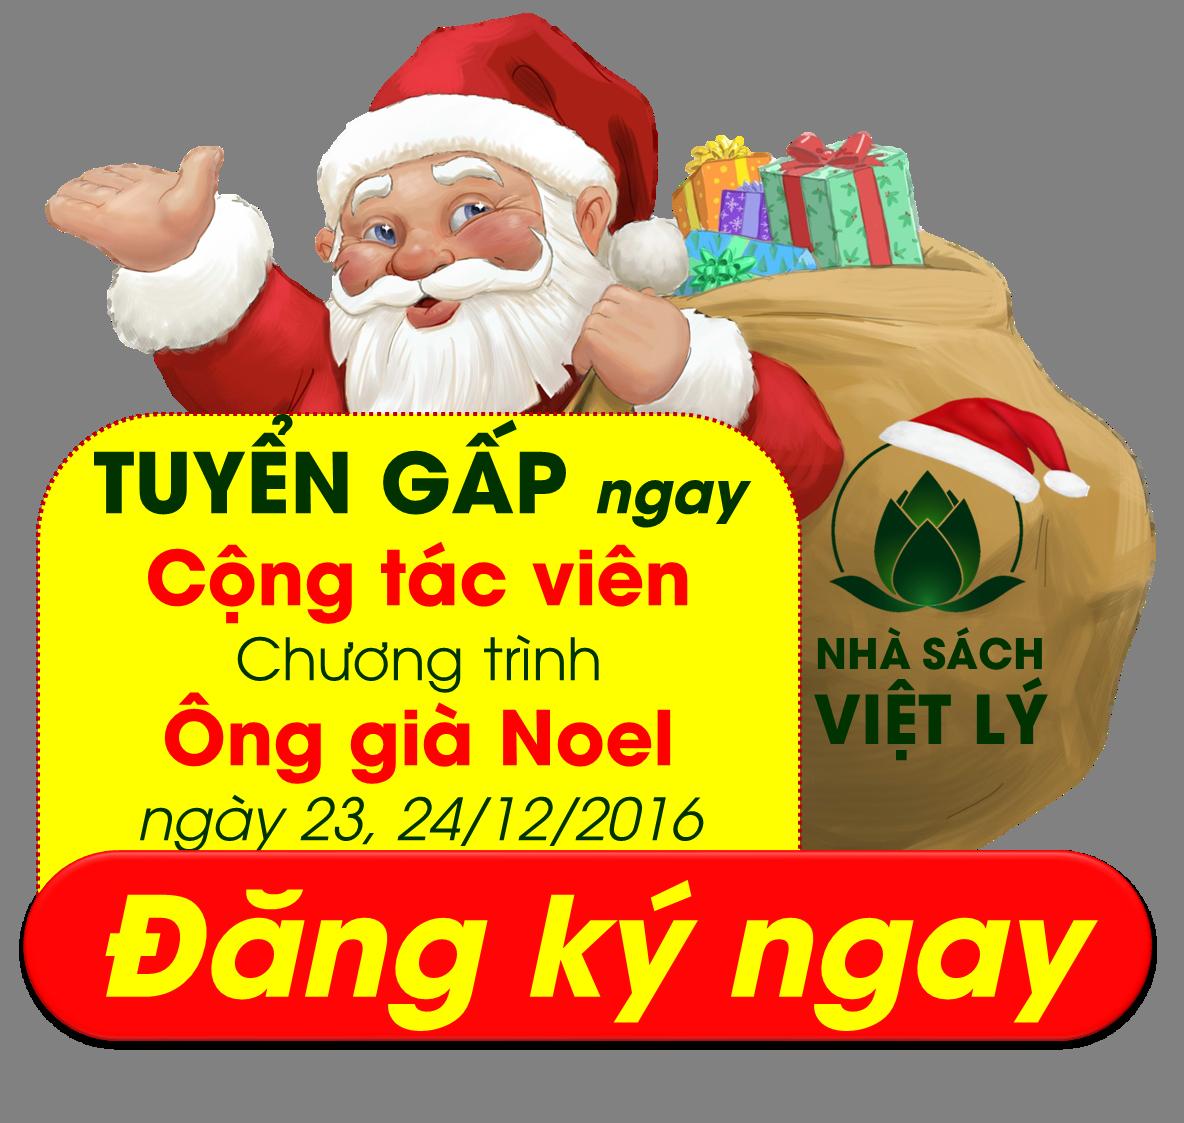 GẤP: Tuyển Cộng tác Viên chương trình Ông già Noel Nhà sách Việt Lý